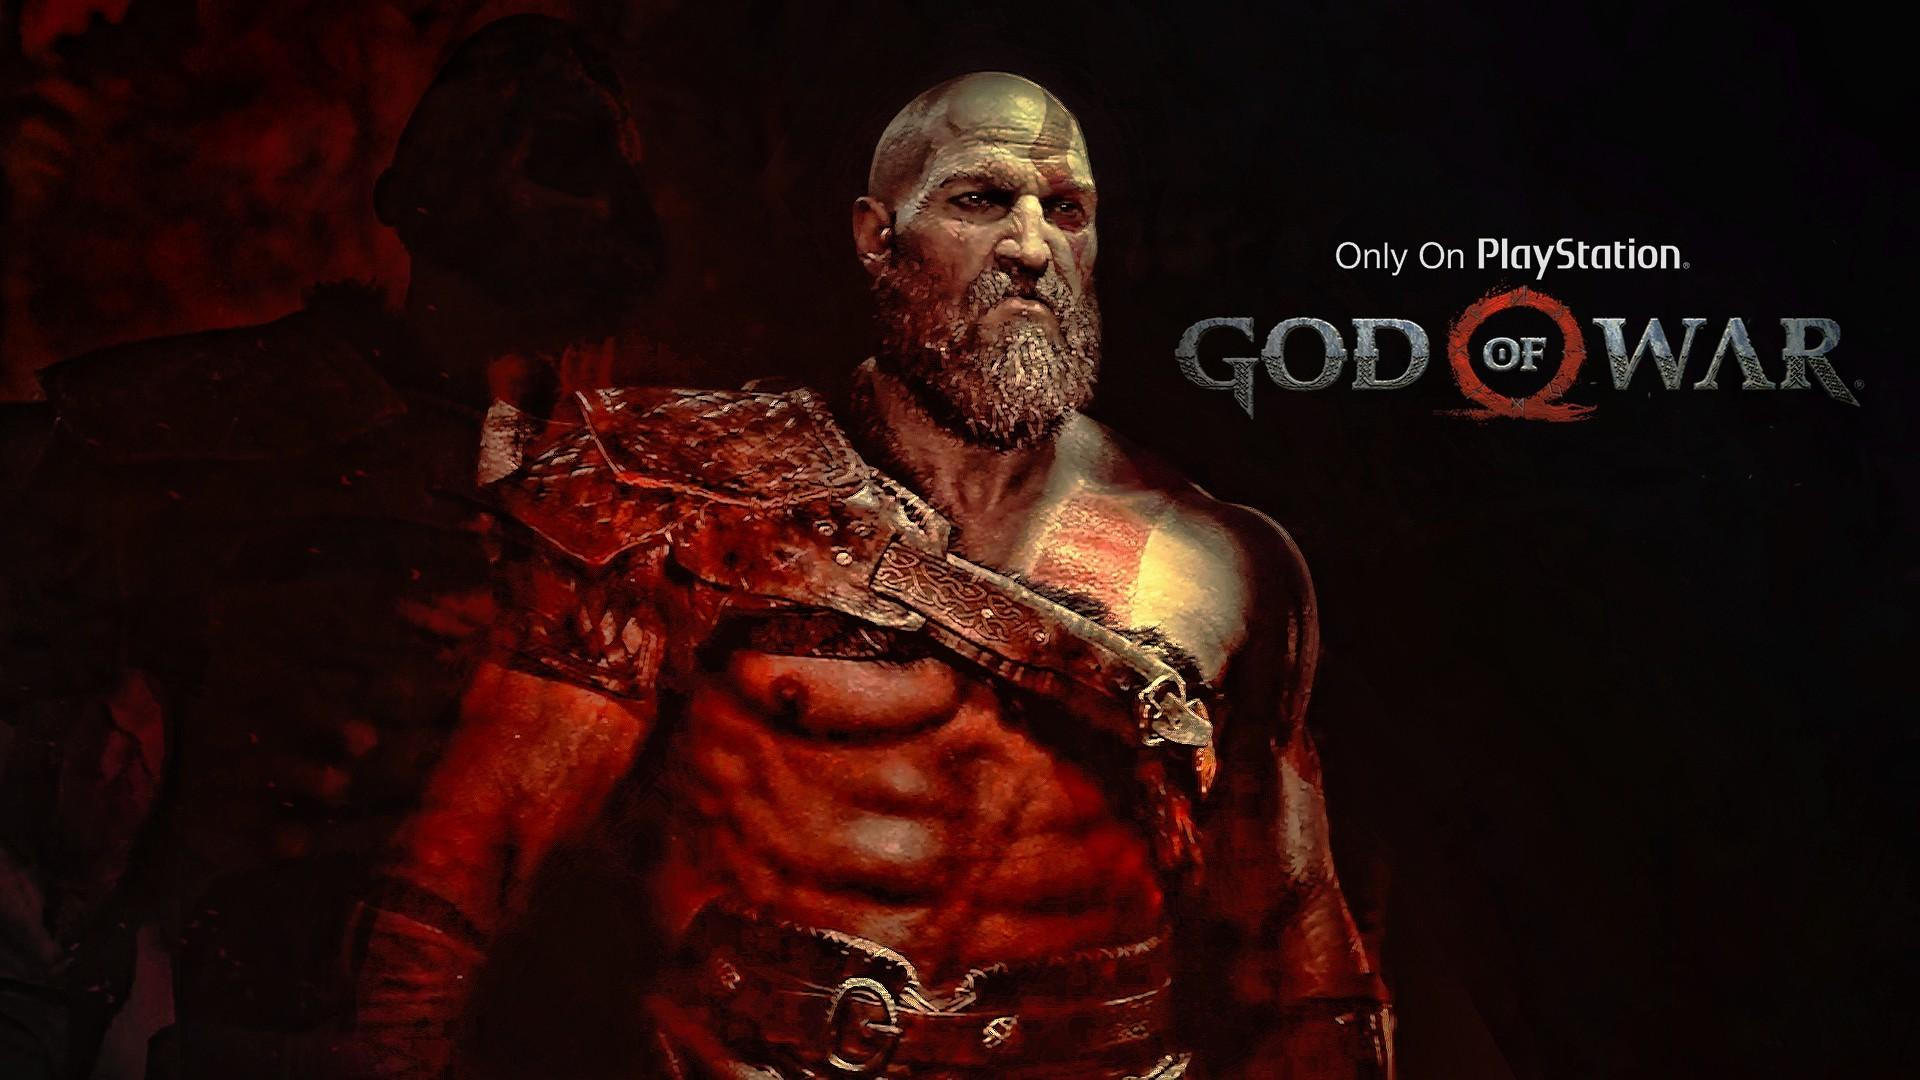 Жестокий трейлер новой God of War